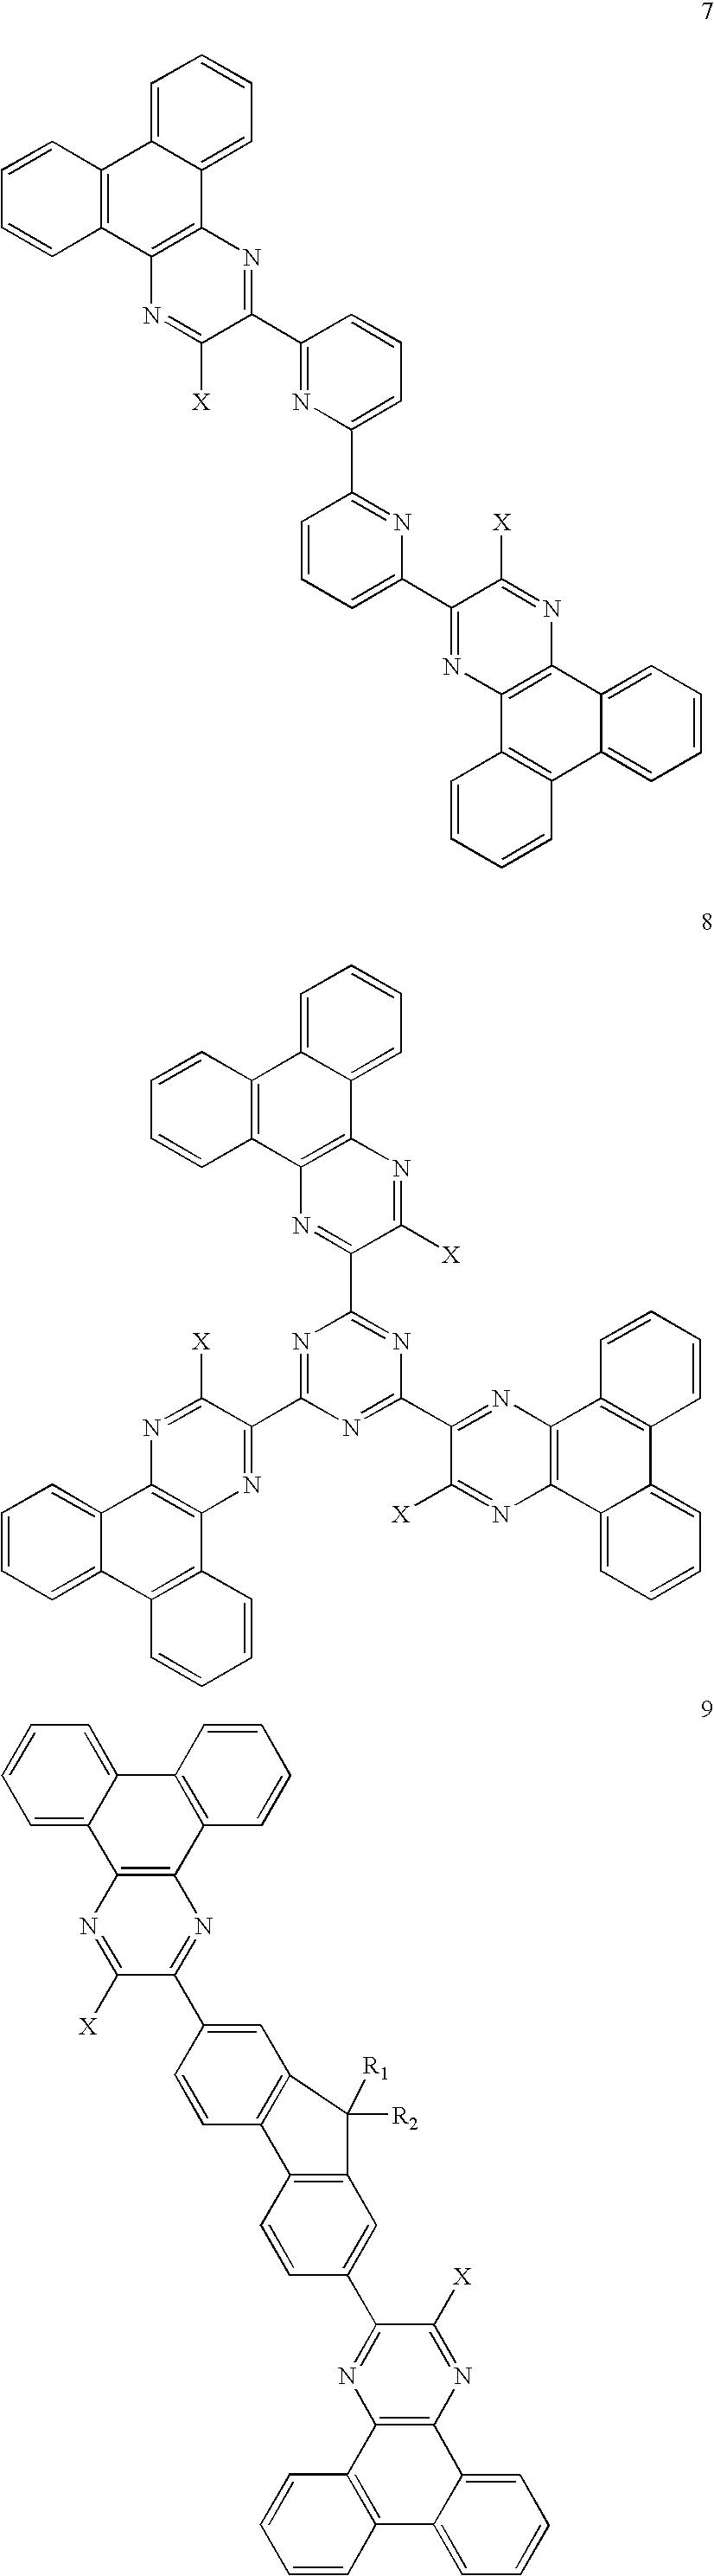 Figure US06723445-20040420-C00012